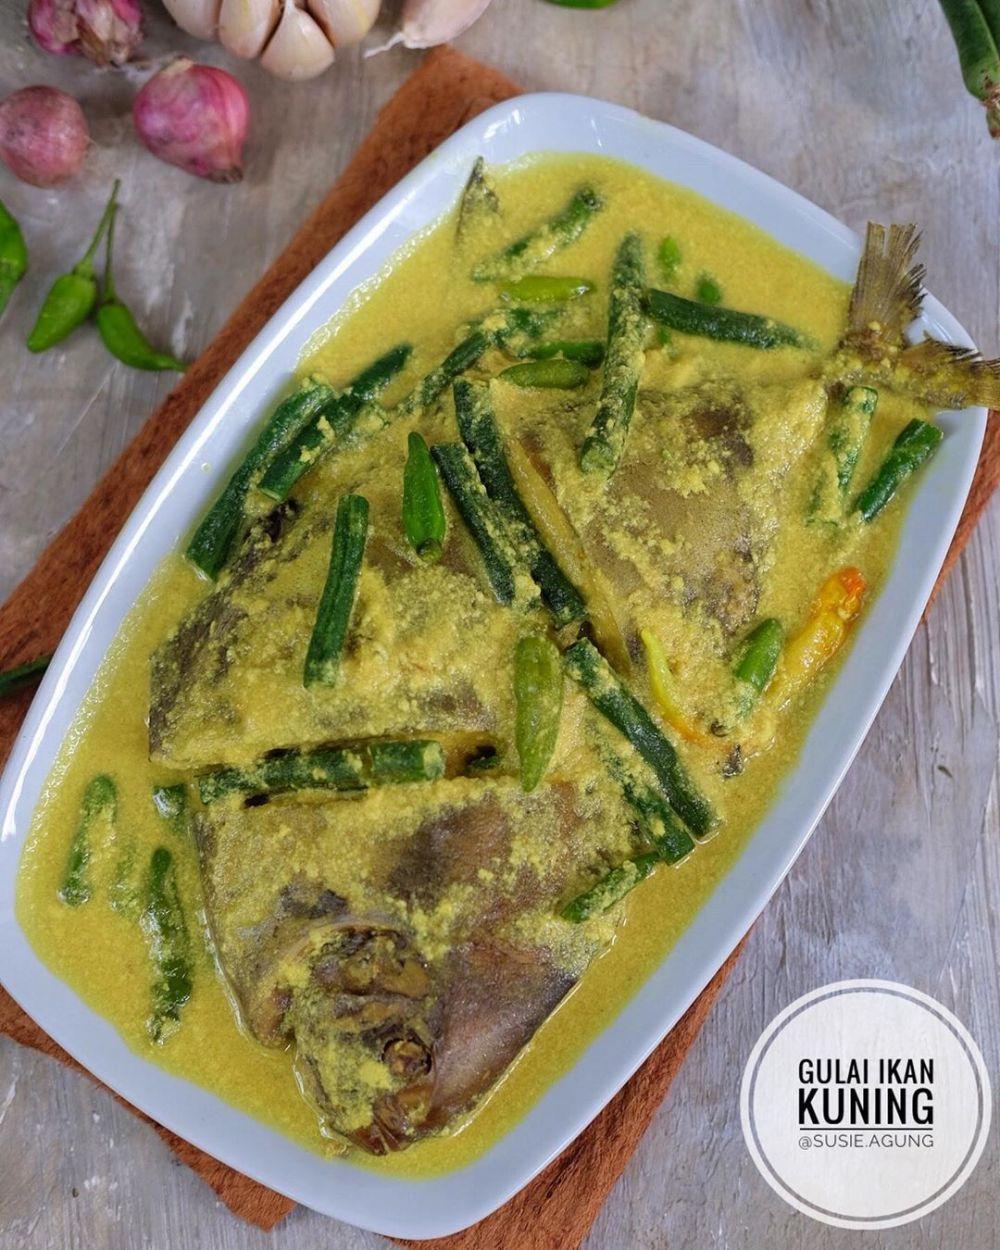 resep gulai ikan enak gurih  mudah dibuat Resepi Nasi Ayam Cabai Hijau Enak dan Mudah